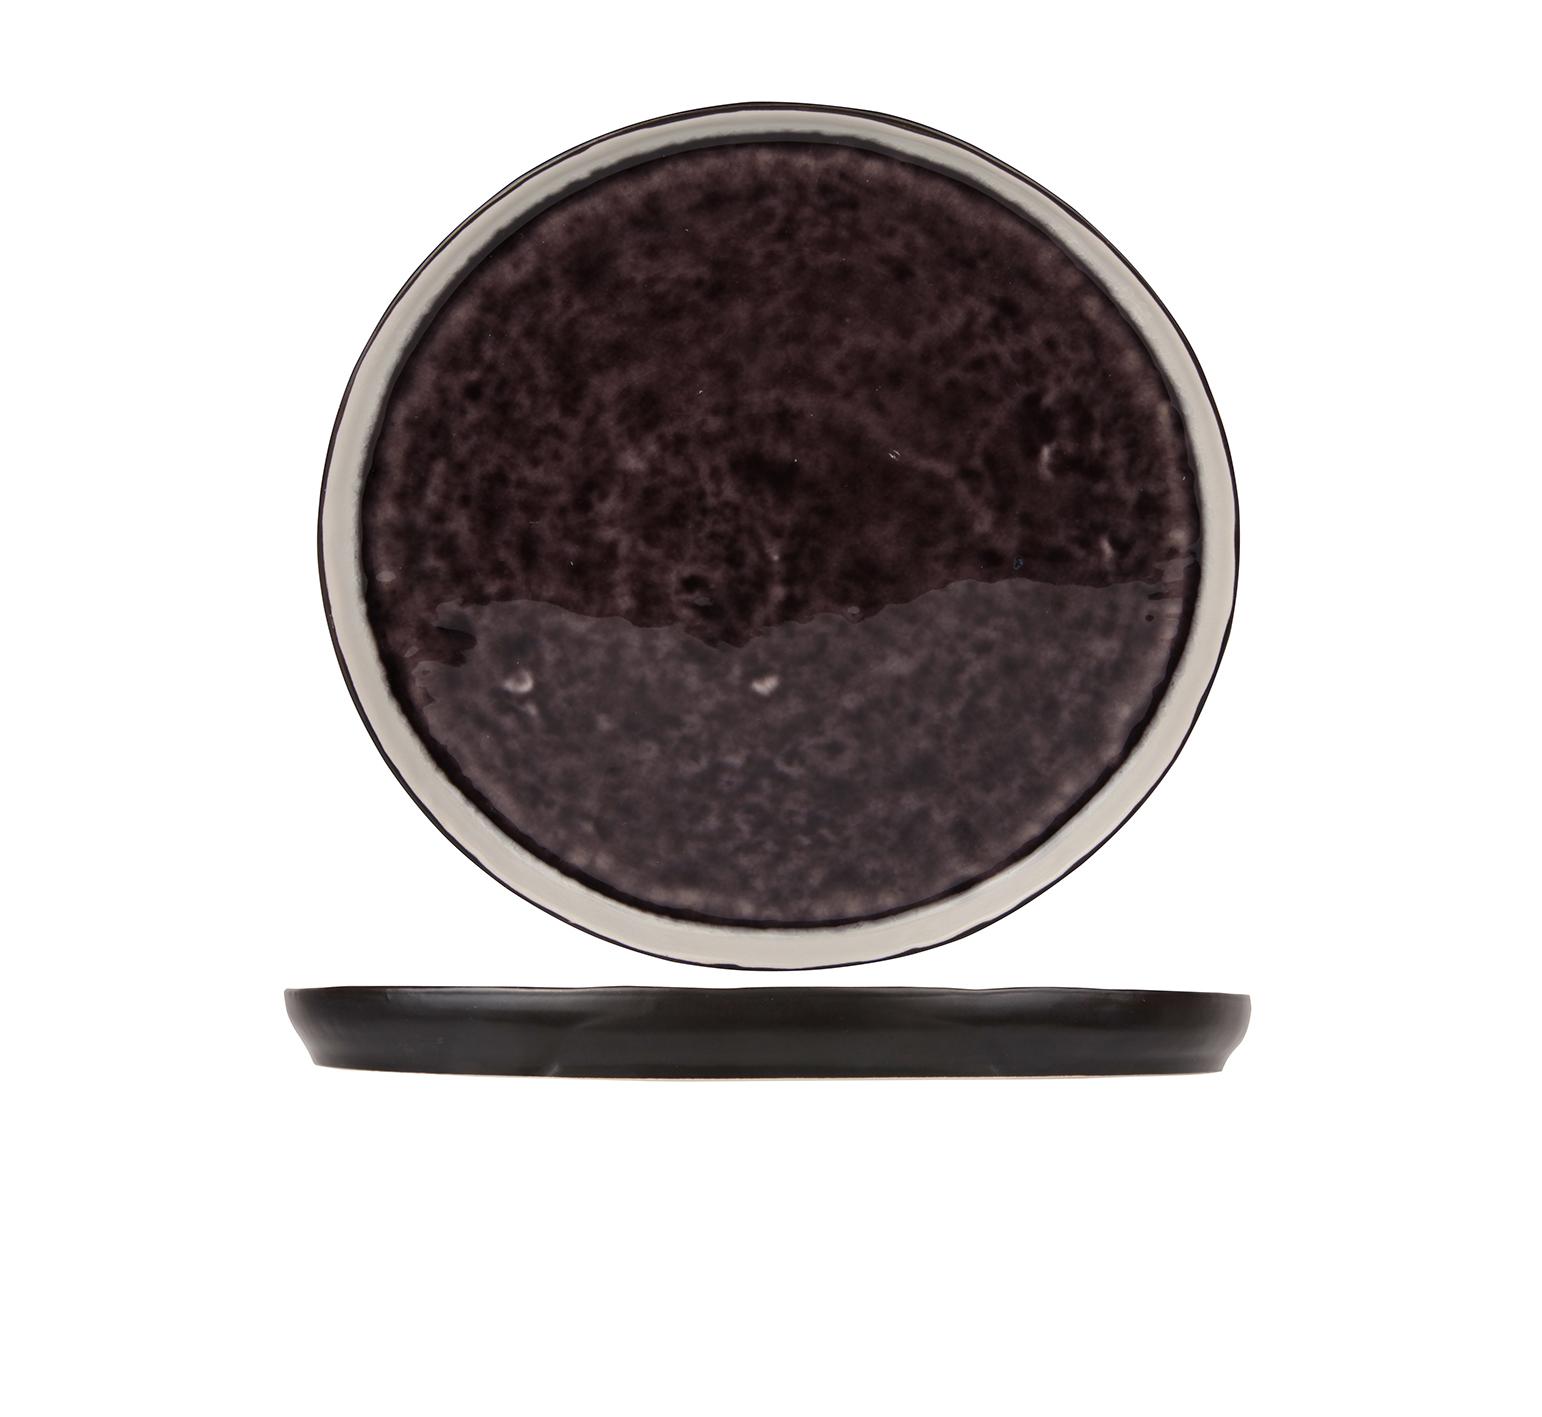 Тарелка для десерта 21,5 см COSY&amp;TRENDY Laguna viola 4290730Тарелки<br>Тарелка для десерта 21,5 см COSY&amp;TRENDY Laguna viola 4290730<br><br>Эта коллекция из каменной керамики поражает удивительным цветом, текстурой и формой. Насыщенный темно-фиолетовый оттенок с волнистым рельефом погружают в прибрежную лагуну. Органические края для дополнительного дизайна. Коллекция Laguna Viola воссоздает исключительный внешний вид приготовленных блюд.<br>